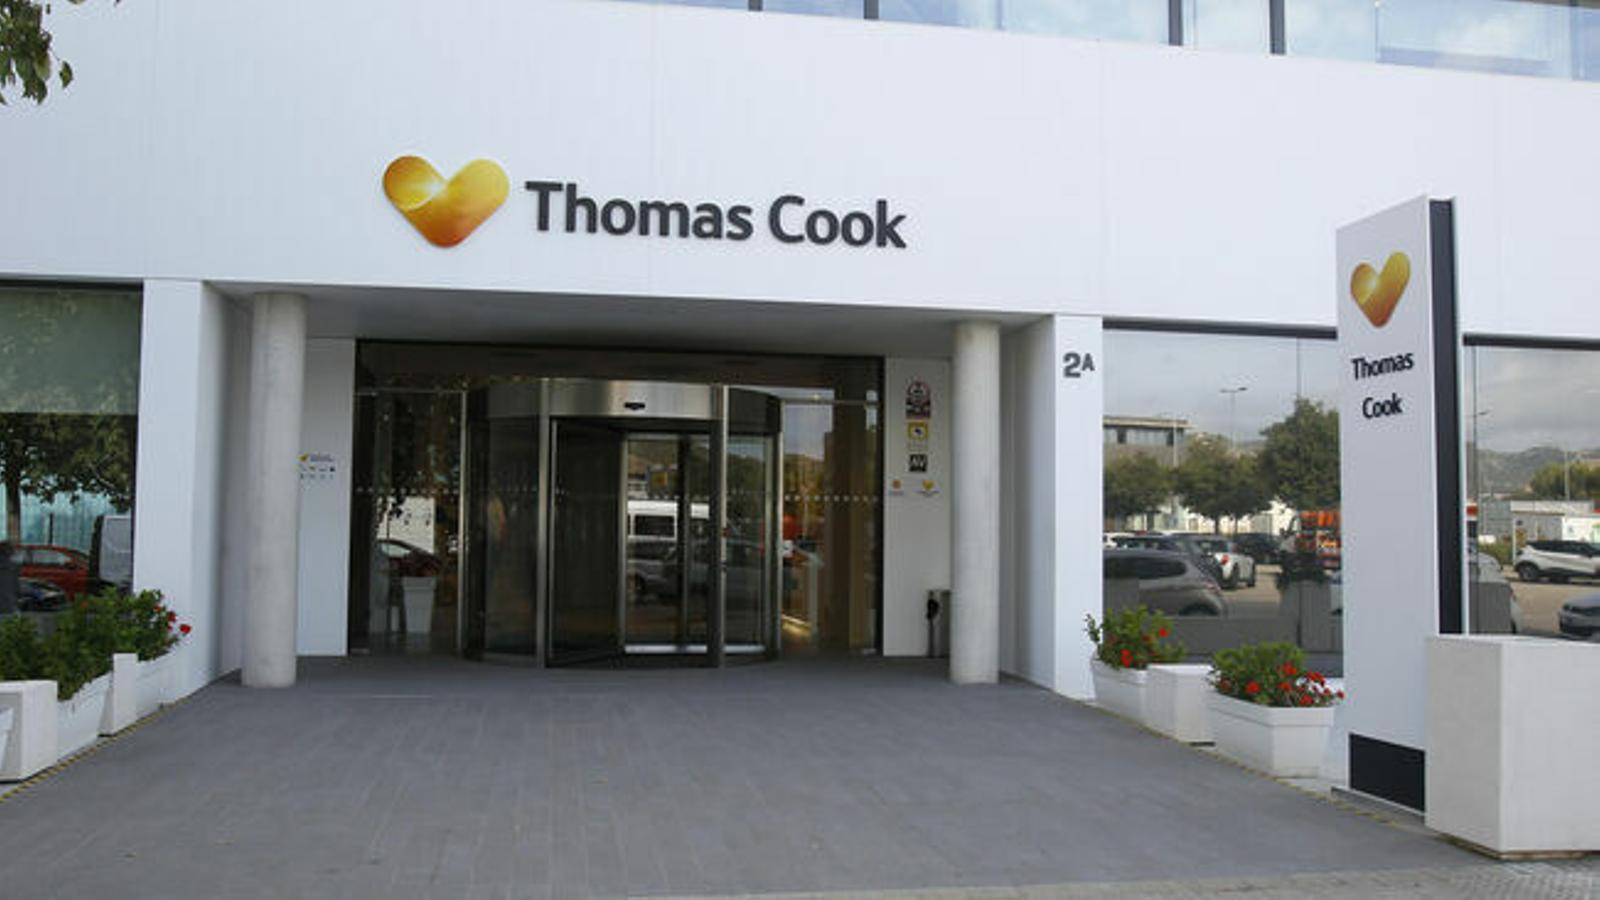 Oficines de Thomas Cook a Palma